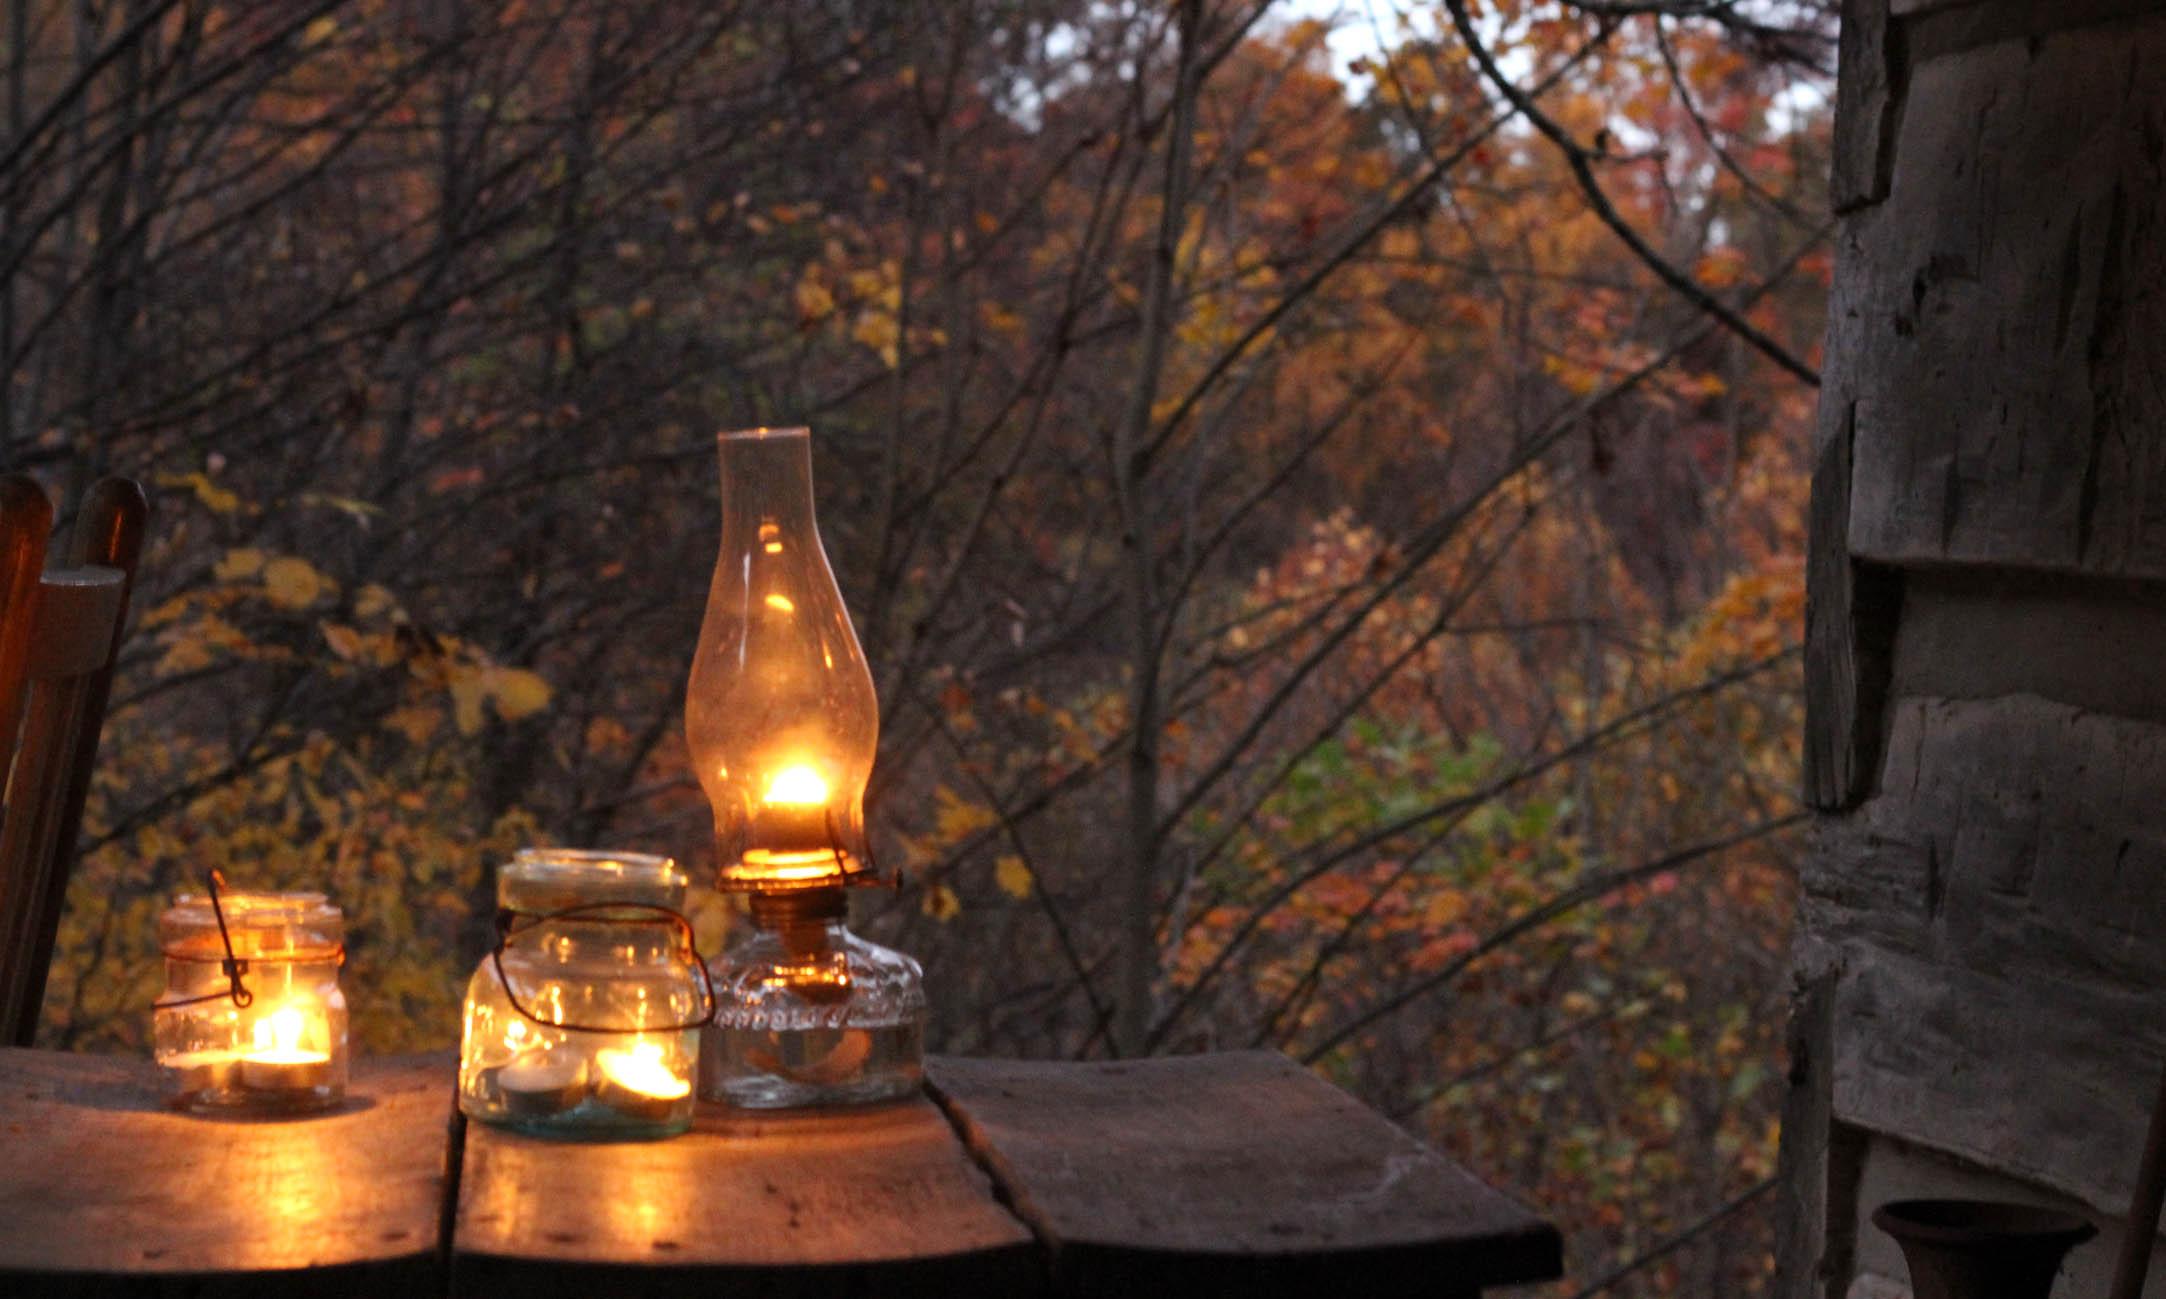 Cozy Fall Wallpaper Lanterns Lit Log Cabin Cooking